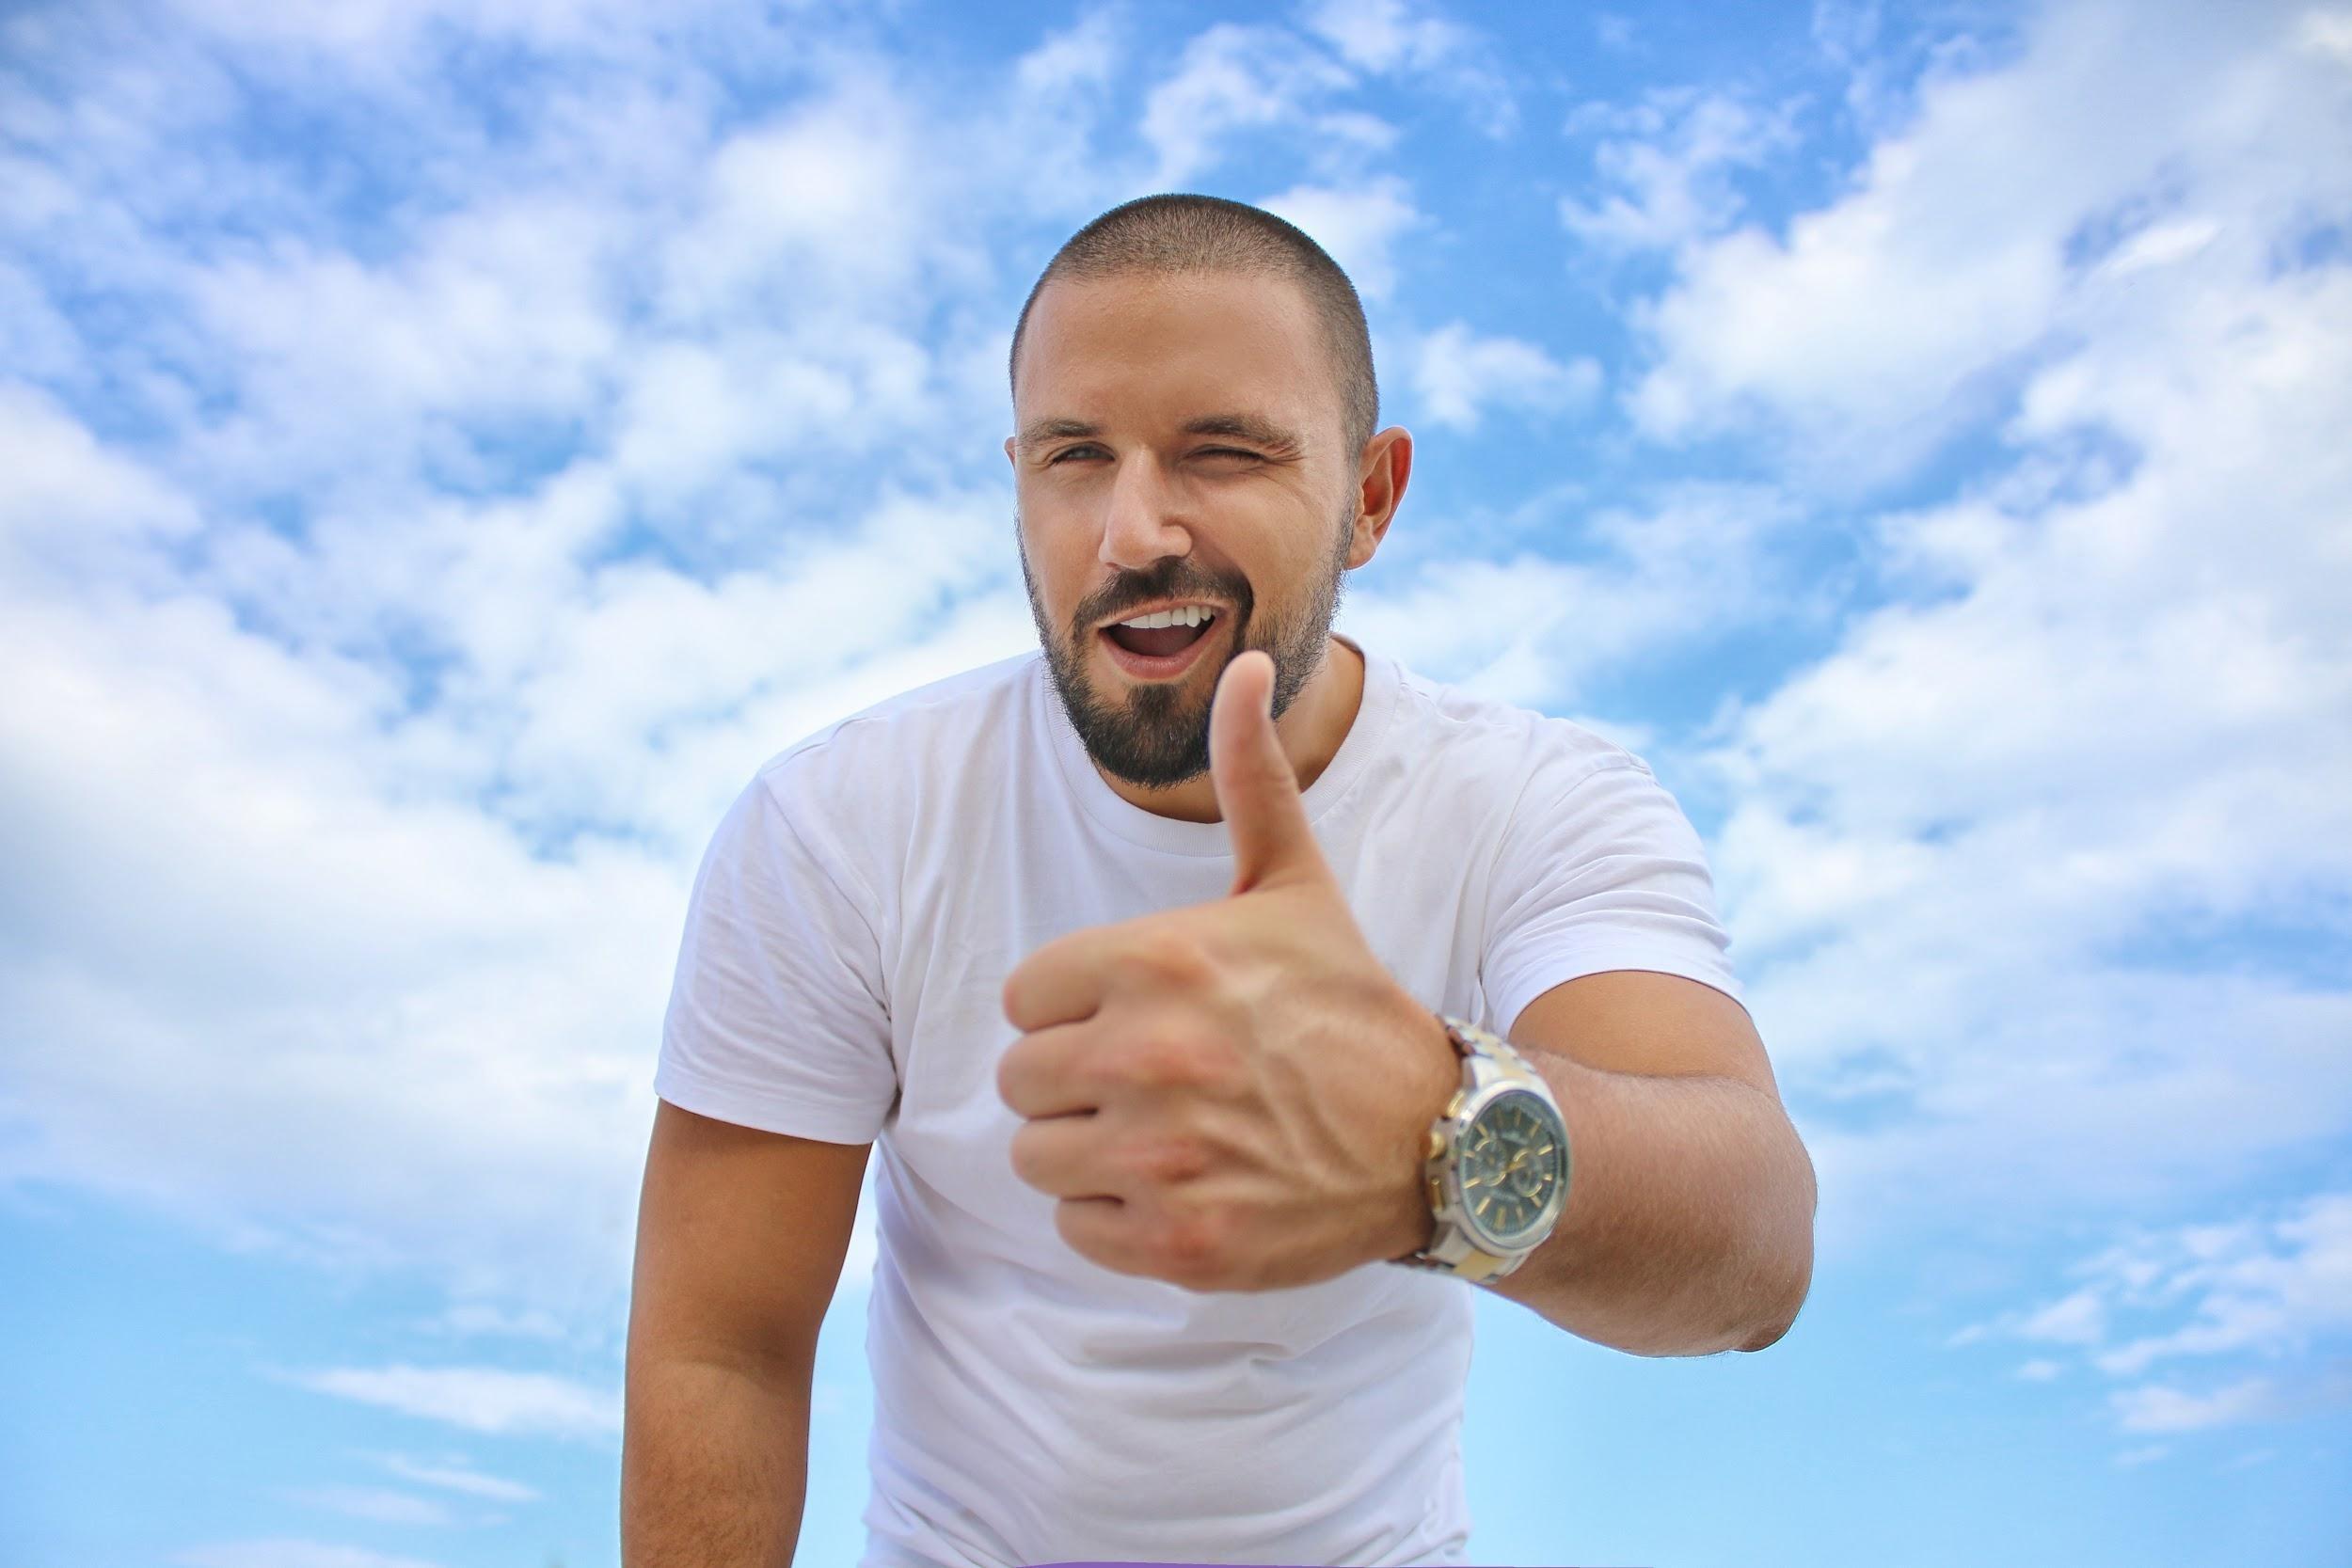 Grooming Tips for Men's